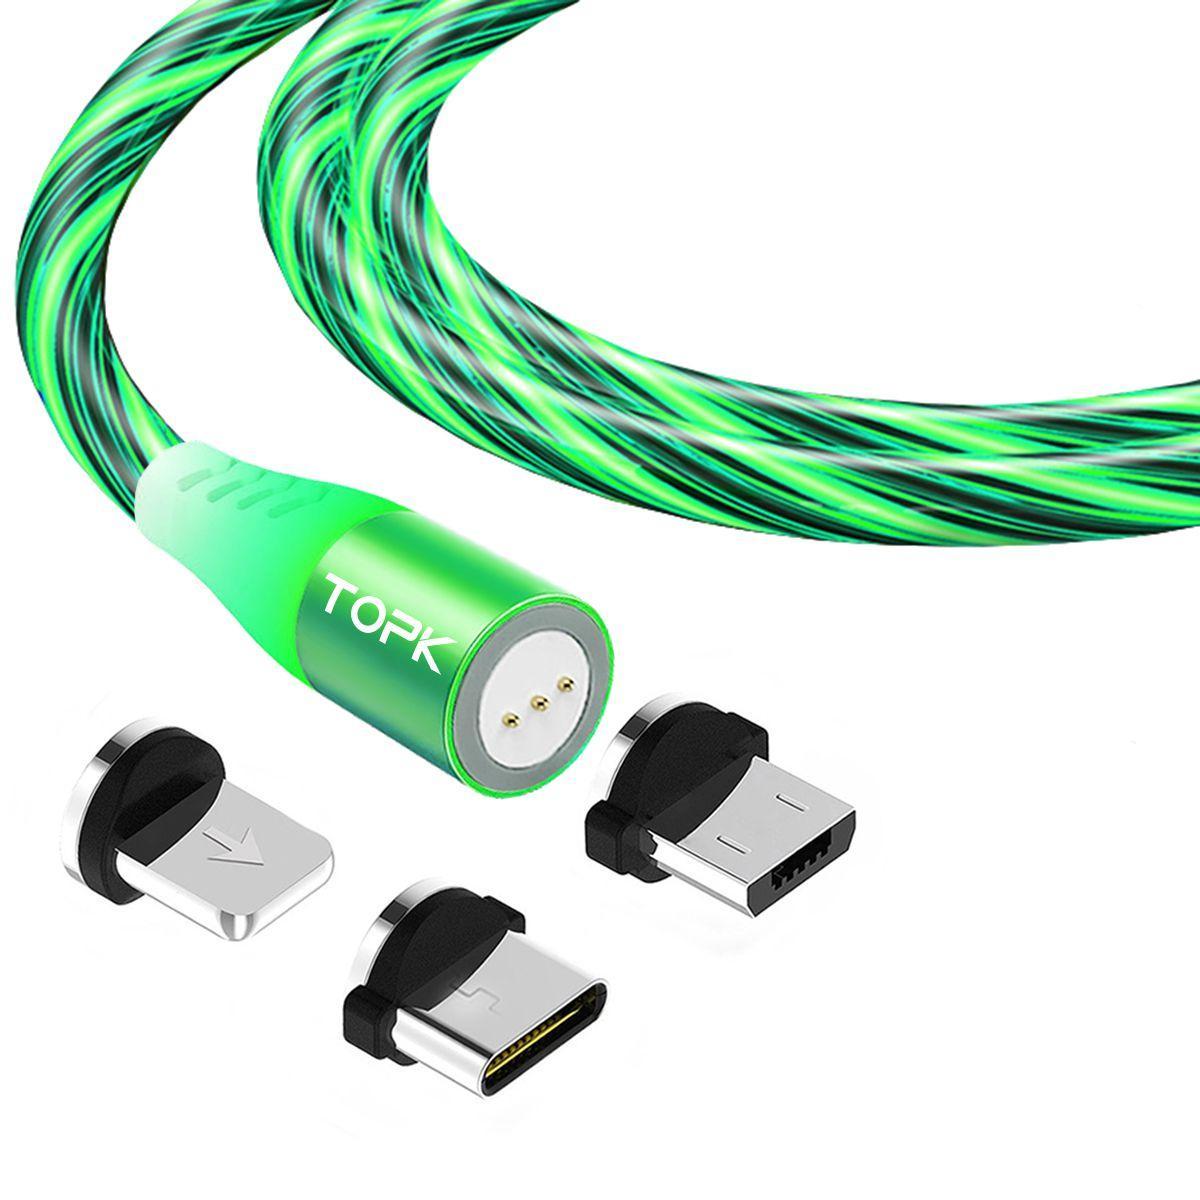 Магнітний кабель TOPK (AM16) 3в1 (SRZ 5A) для заряджання і передачі даних (100 см) Green